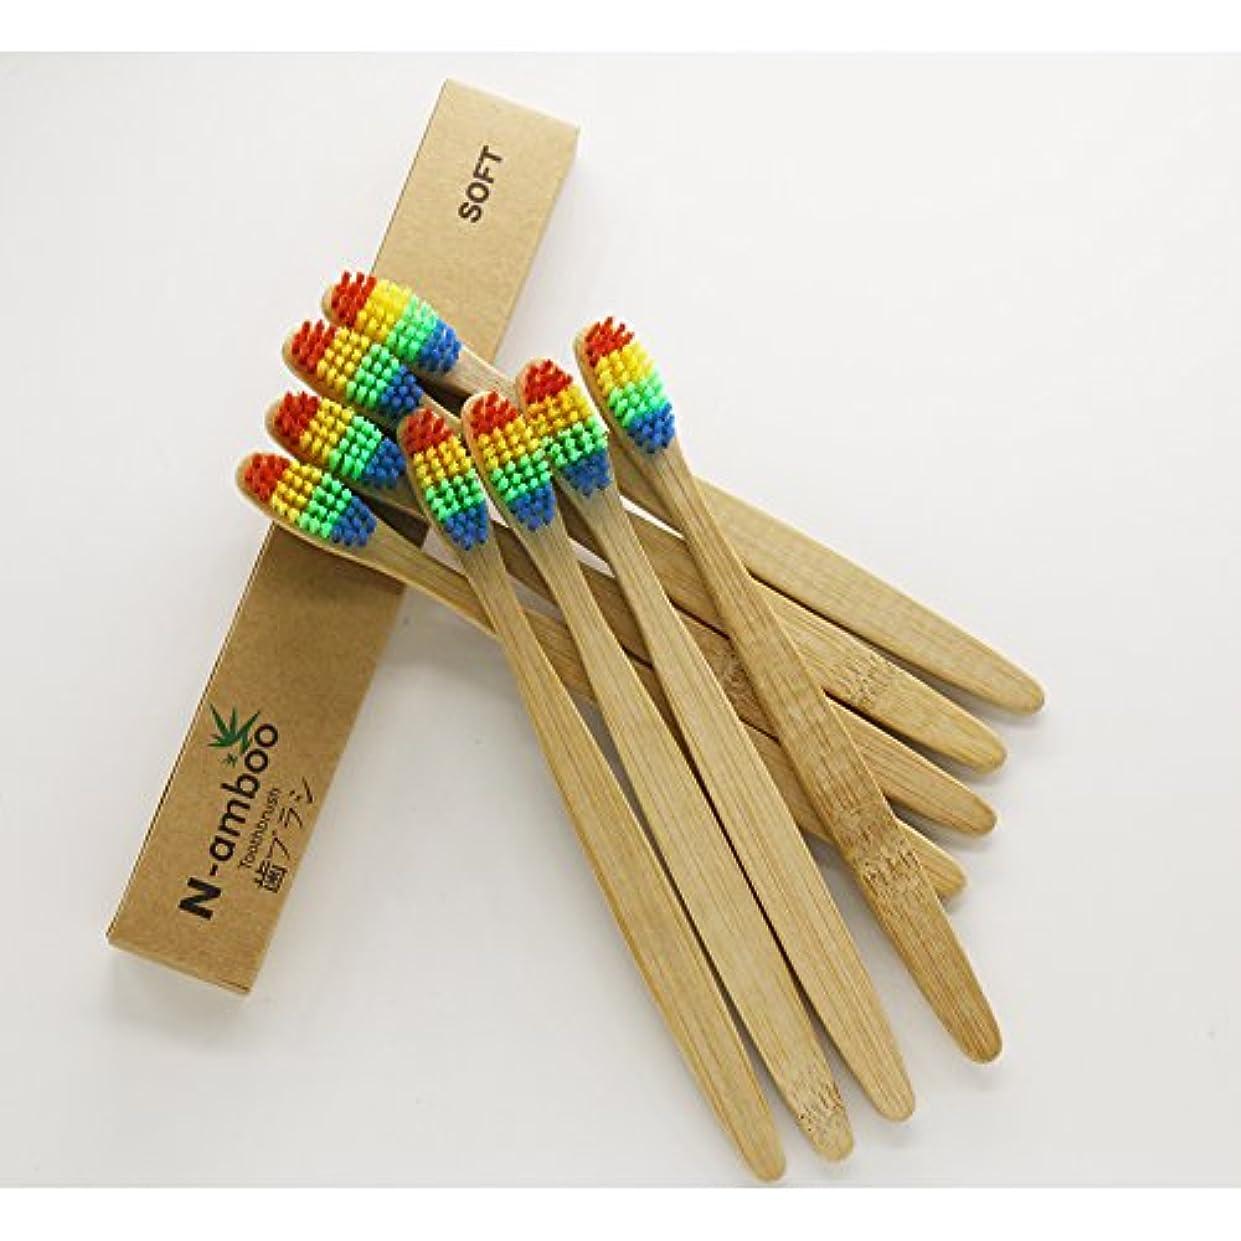 クリエイティブ協定しおれたN-amboo 竹製 耐久度高い 歯ブラシ 四色 虹(にじ) 8本入り ファミリー セット